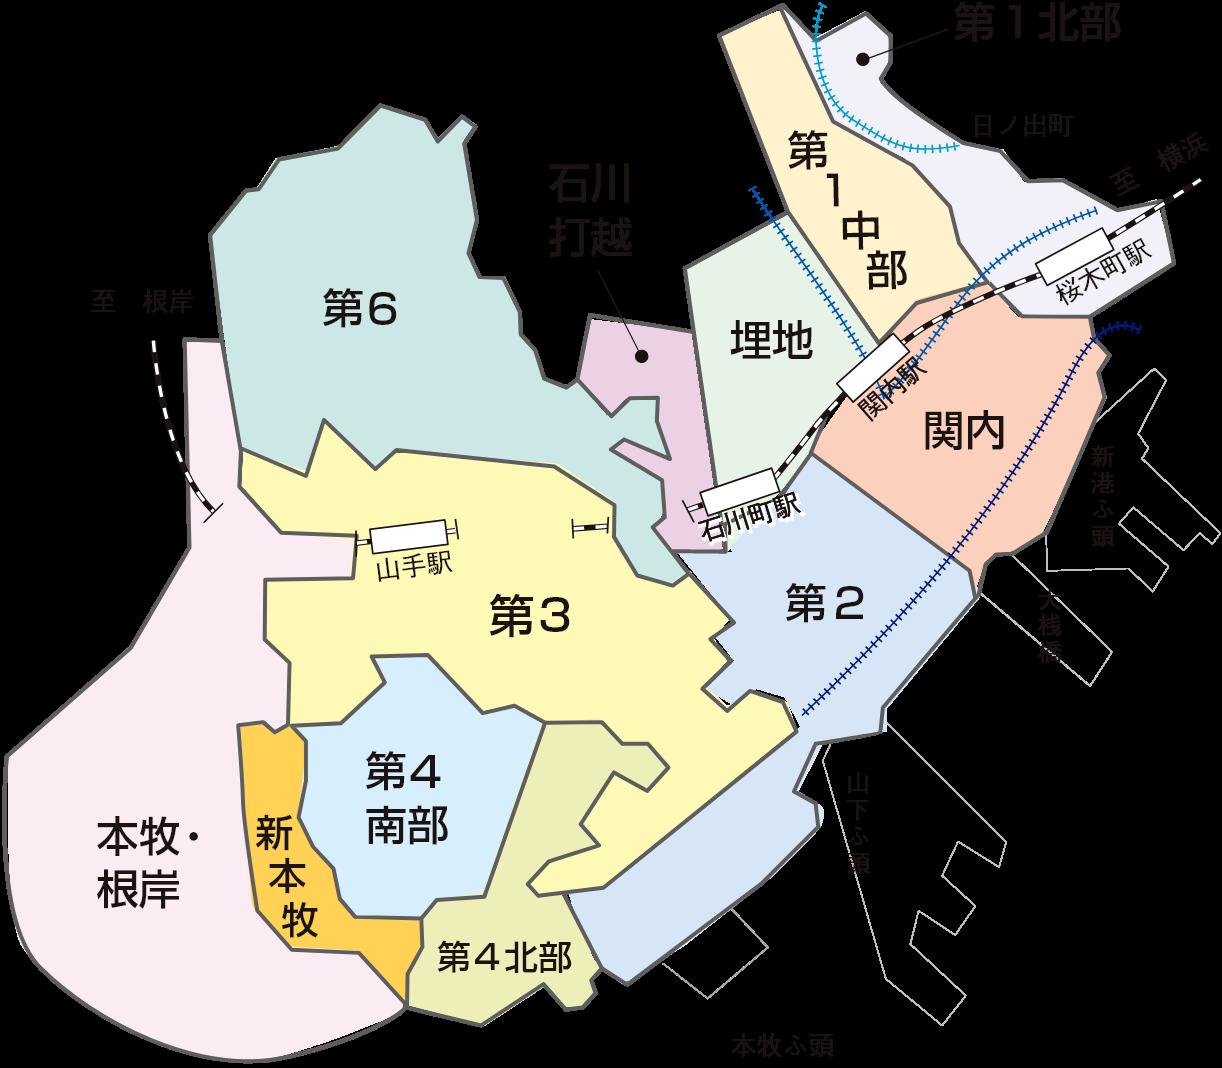 中区自治会町内会マップ